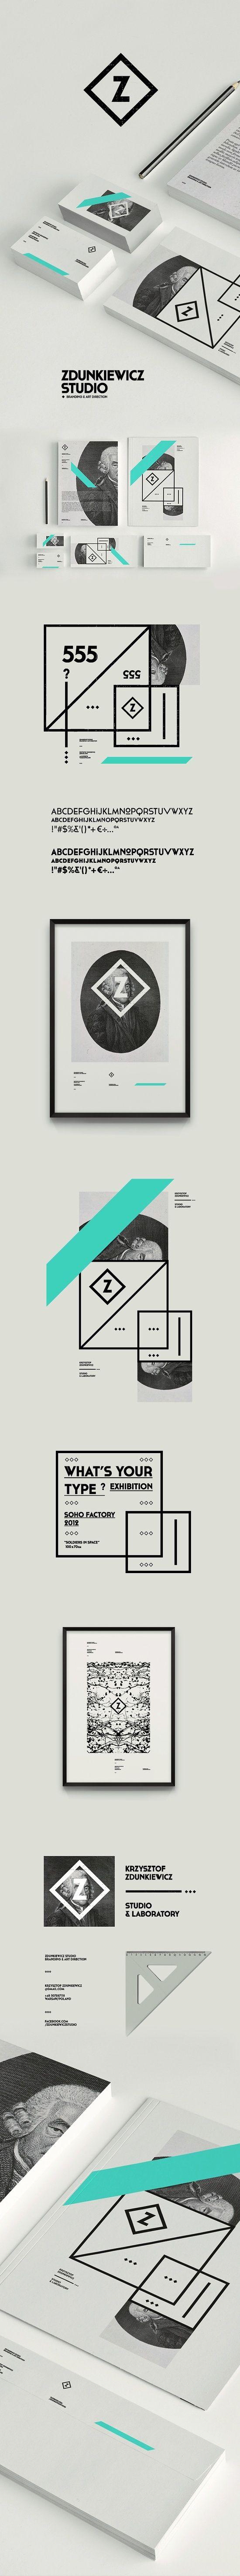 Zdunkiewicz Studio/ Lijnen,  manier van fotograferen is clean met stapel visitekaartjes en blaadjes etc